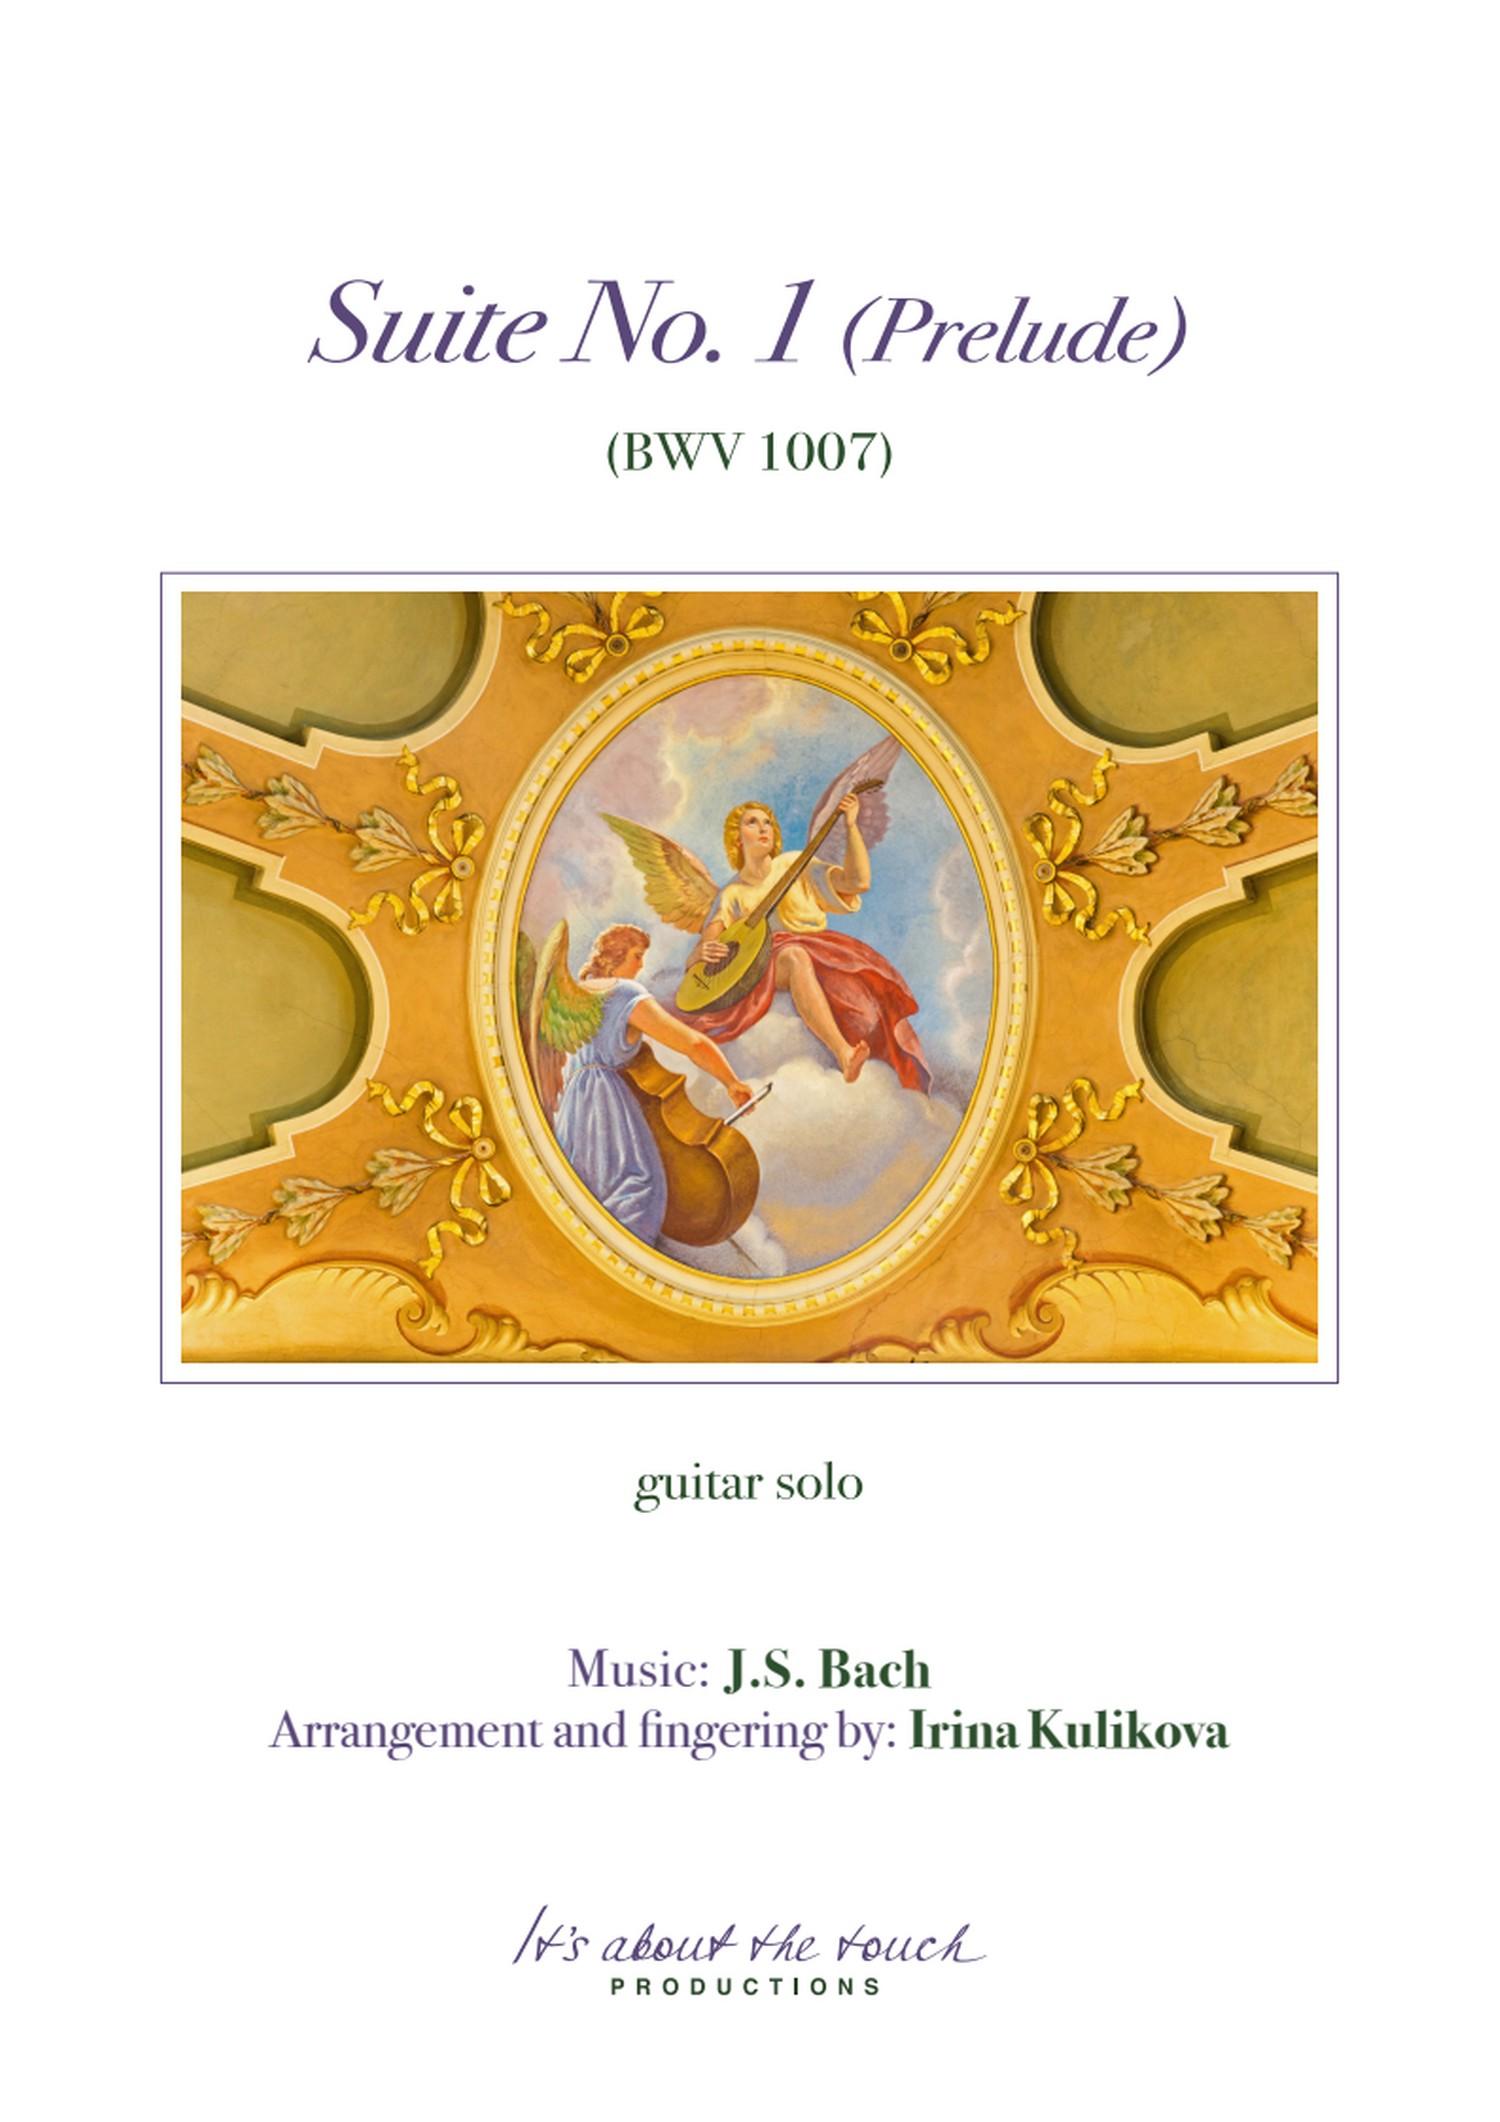 Bach Suite No. 1 Prelude score cover